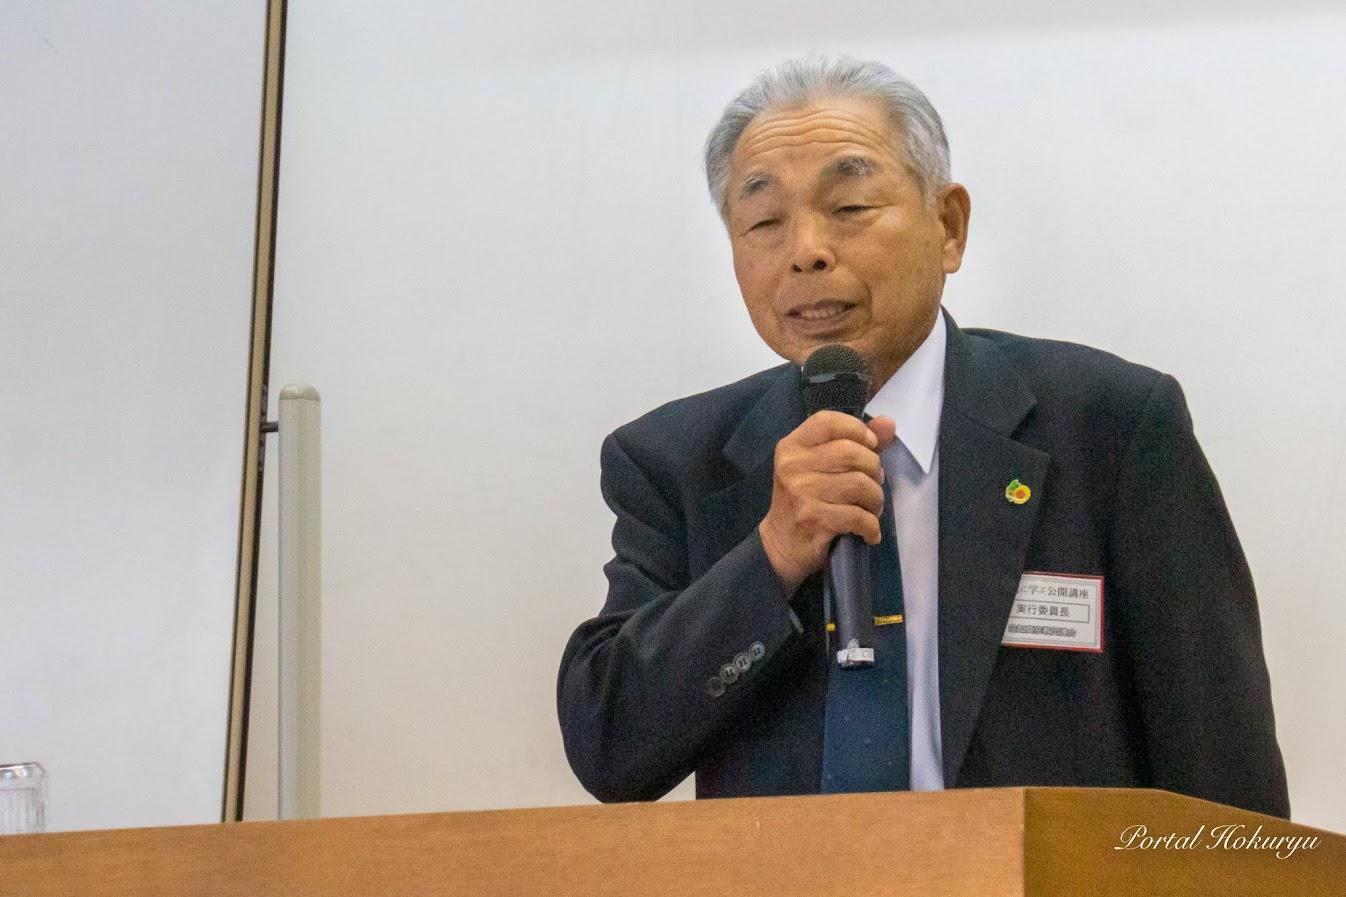 公開講座実行委員会・田中盛亮 委員長